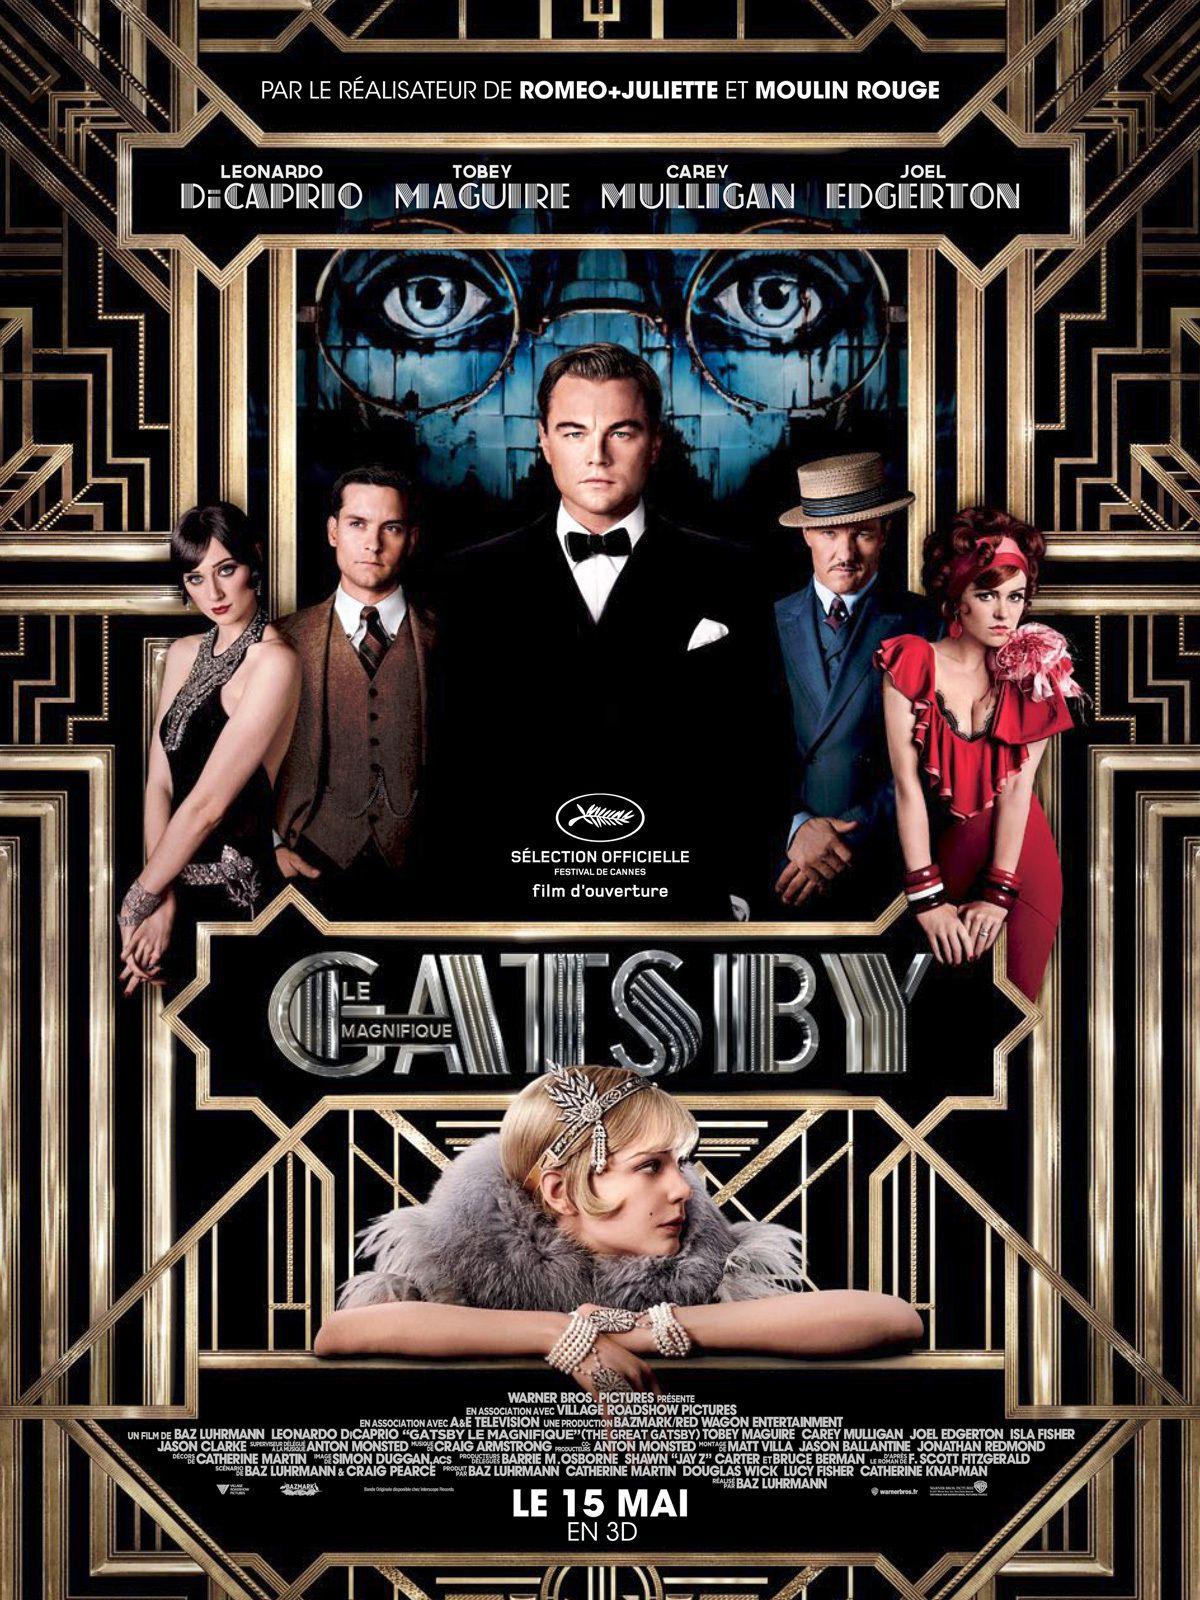 Gatsby le magnifique - Film (2013)